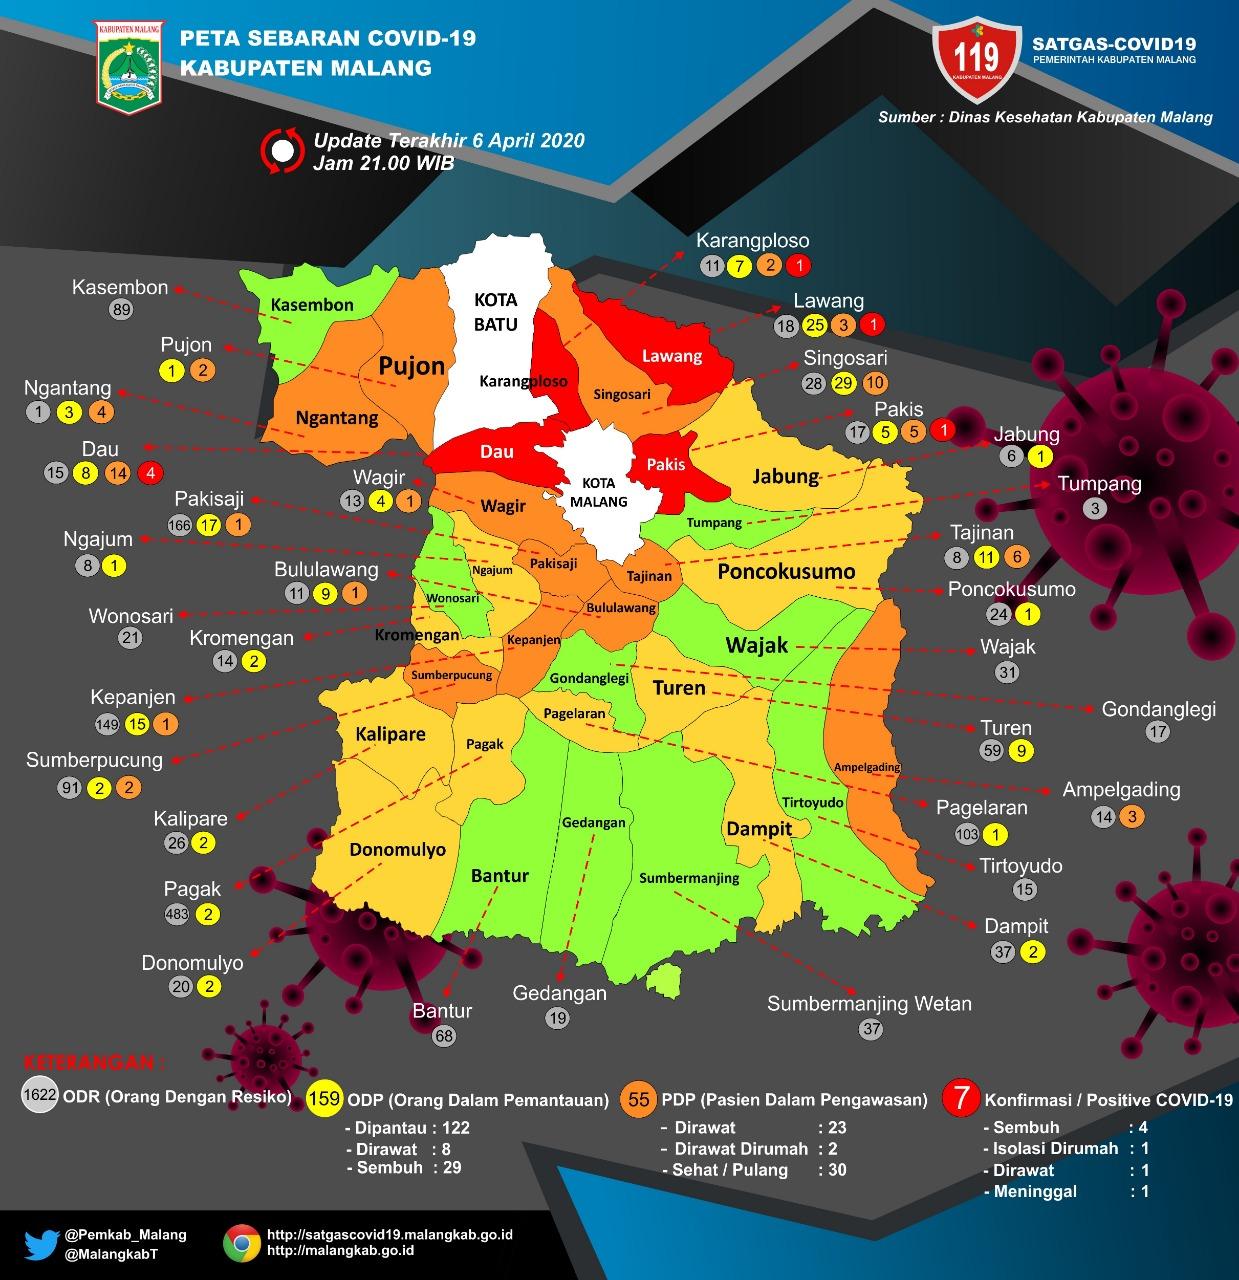 Konfirmasi Pasien Positif Bertambah 2 Orang Dan Kumulatif  Jadi 7 Orang Di Kabupaten Malang